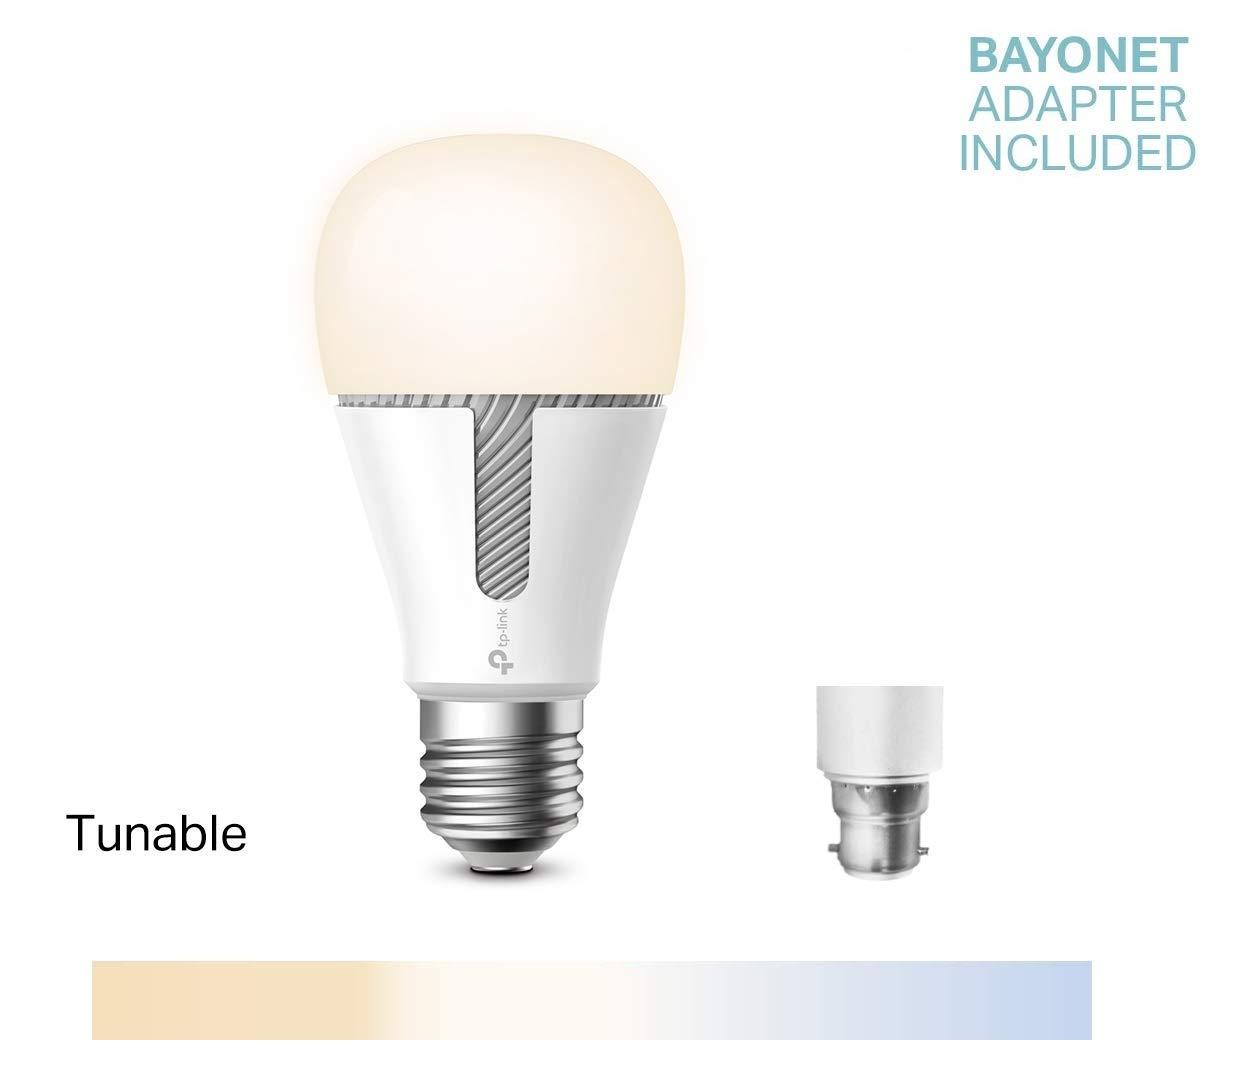 TP-LINK Bombilla LED funciona con Alexa altavoz inteligente y Google Home KL130 Bombilla WiFi Multicolor 800lm